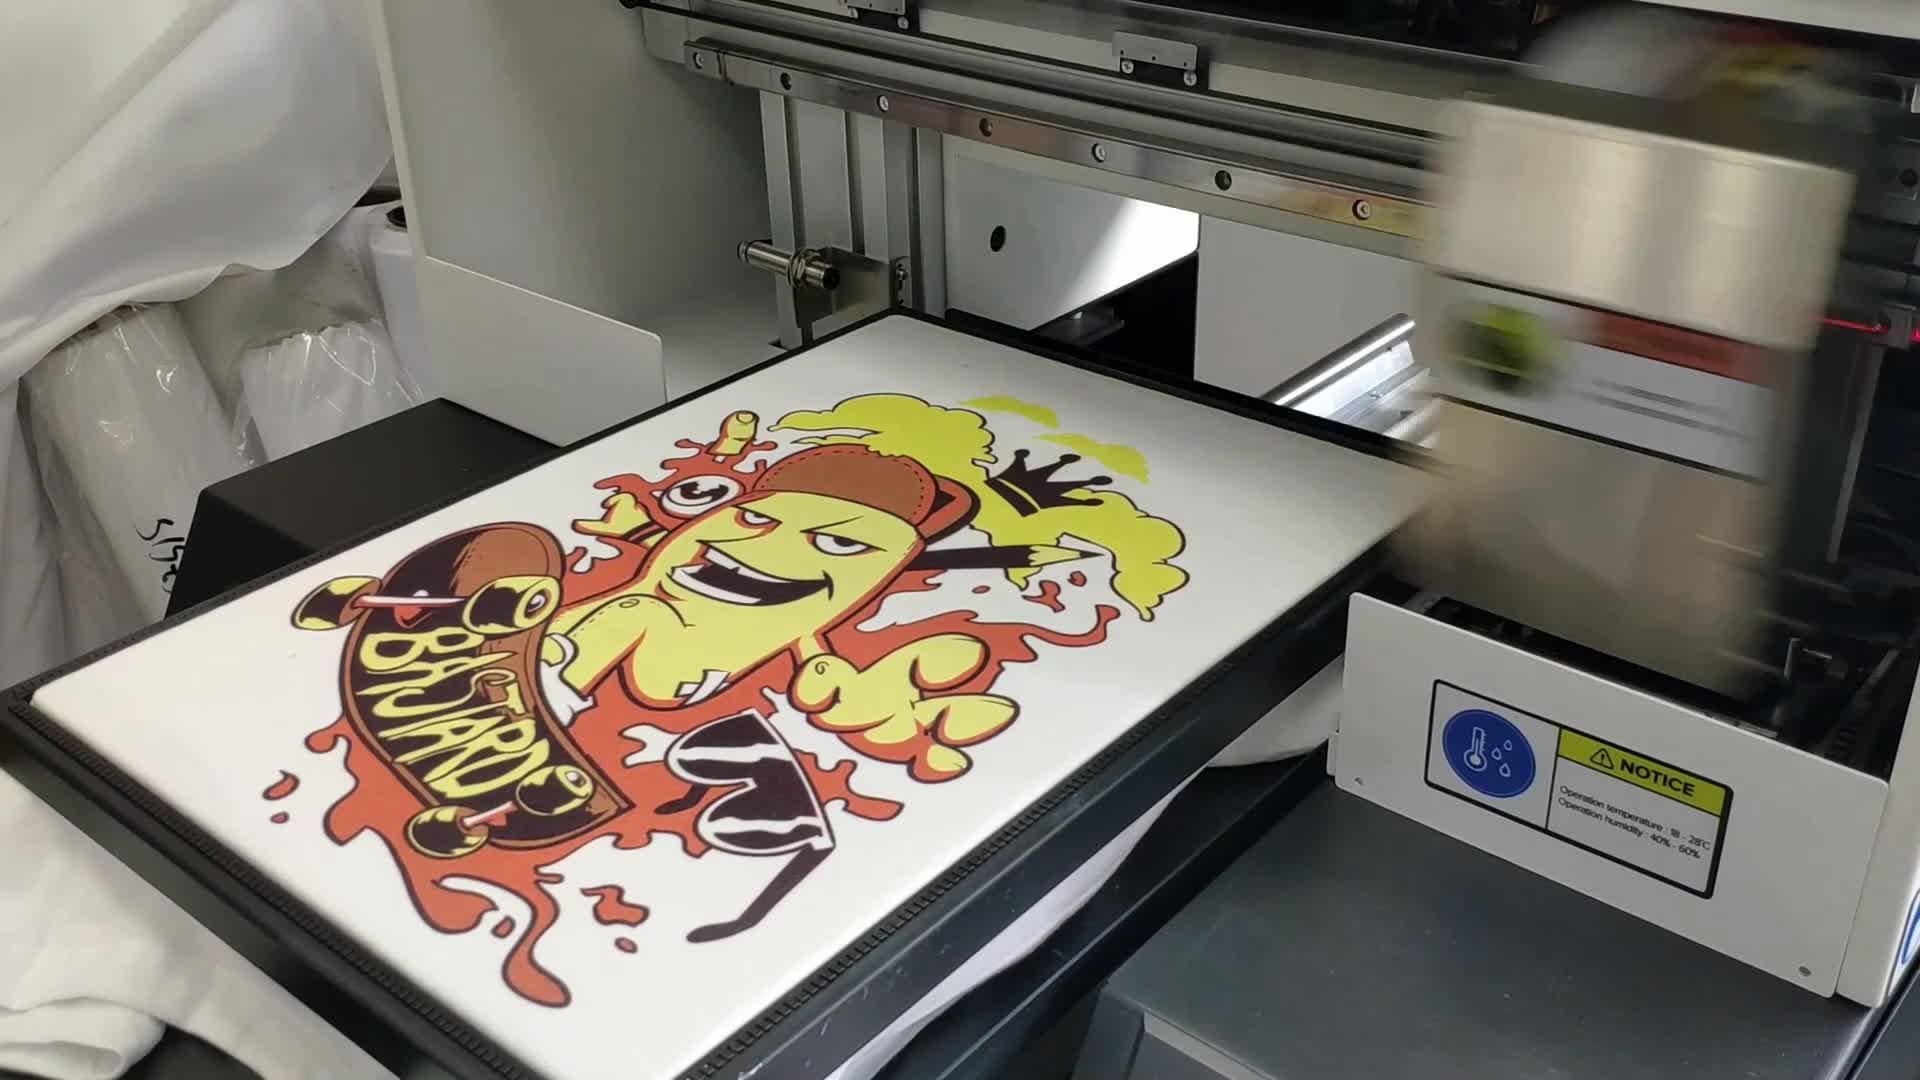 Custom t เสื้อพิมพ์ dtg เครื่องพิมพ์ a4 a3 TP-300C พร้อม dx7 printhead